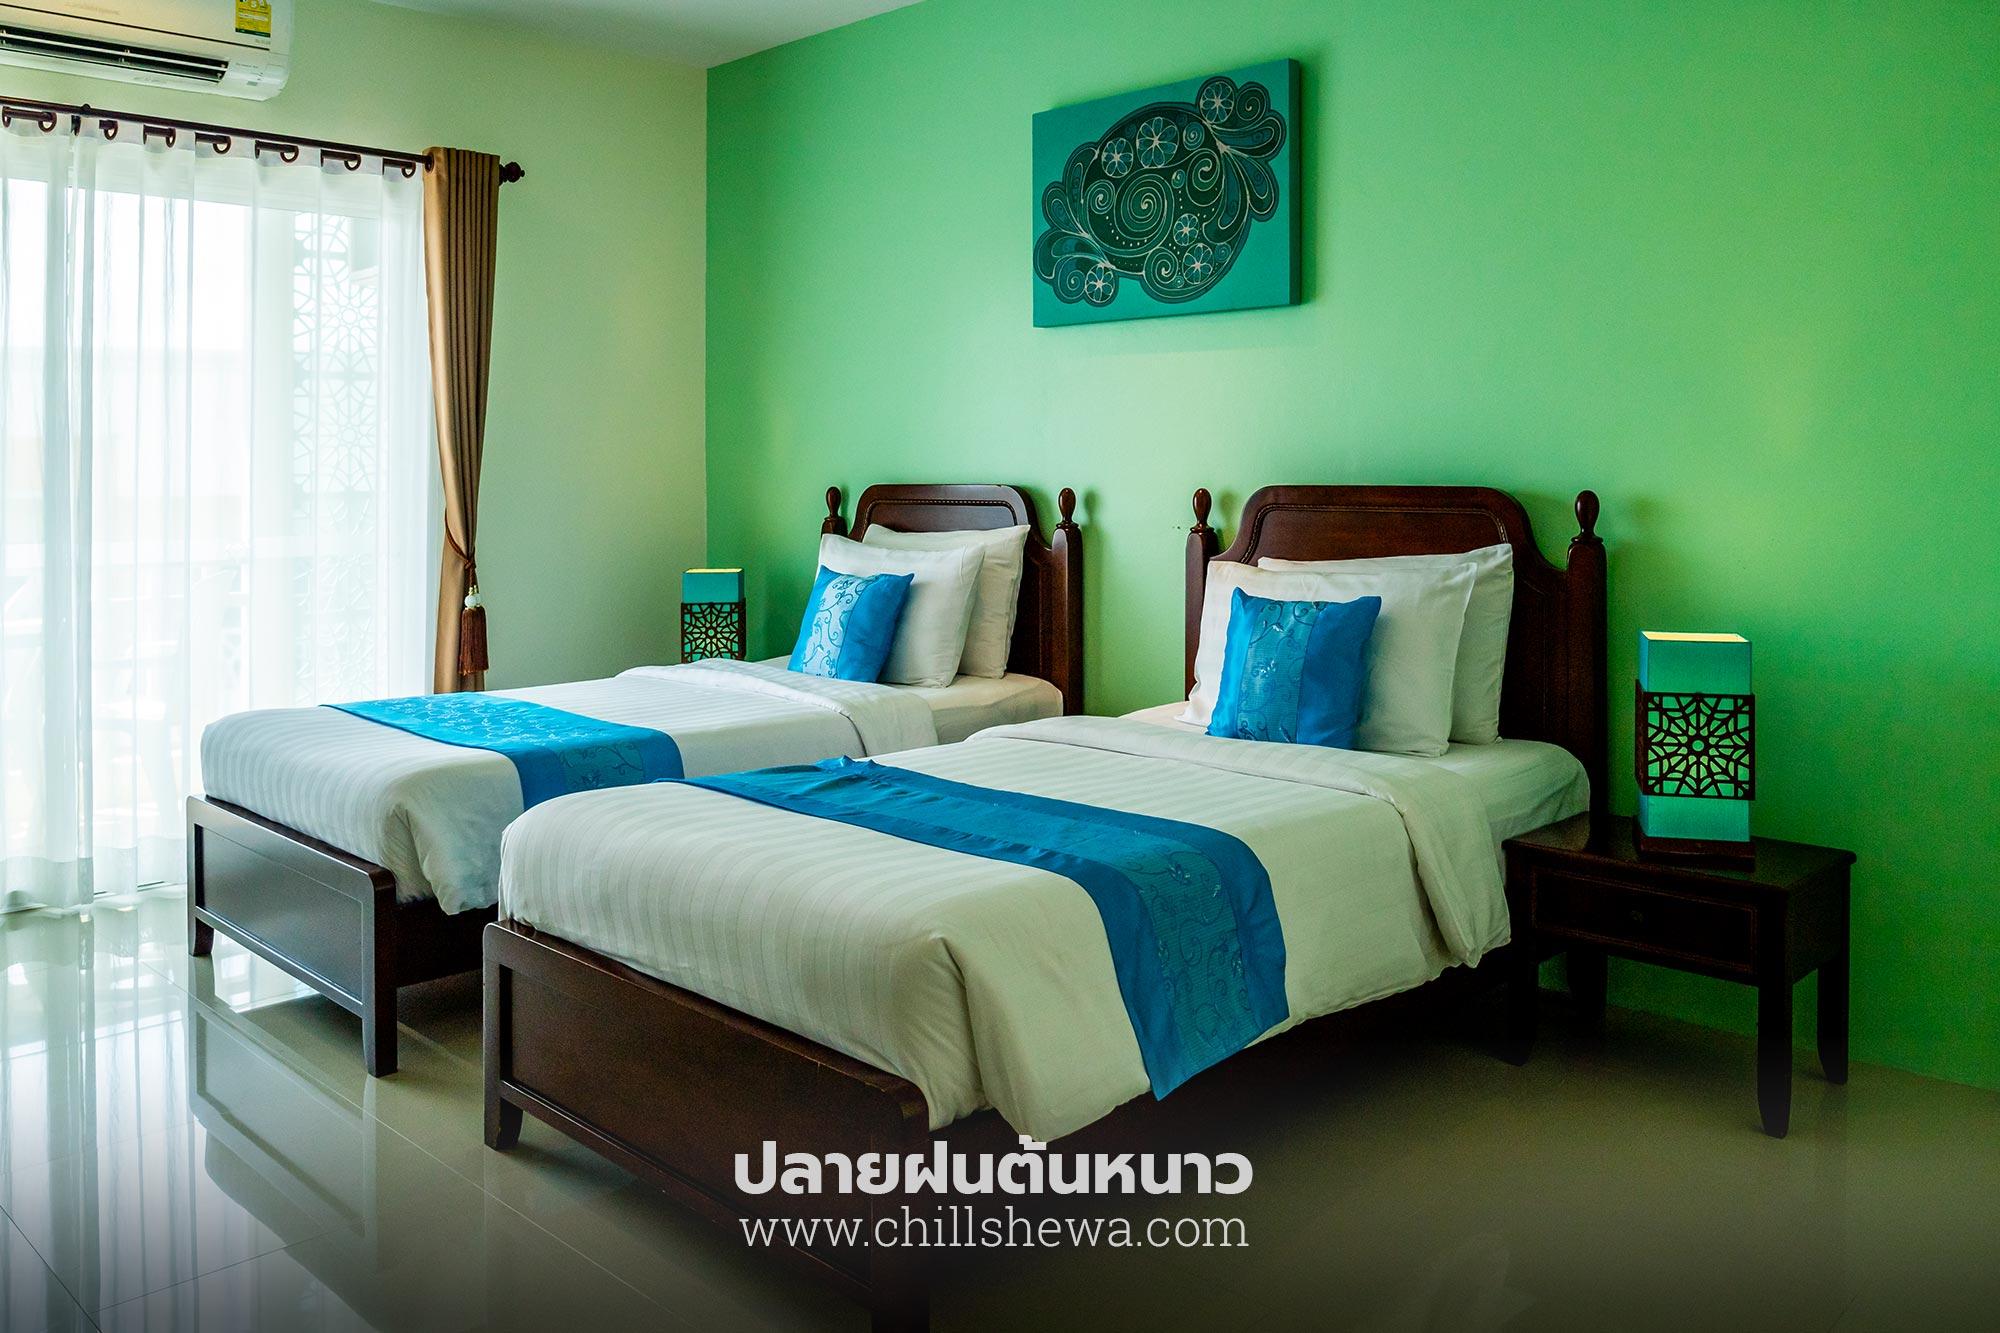 Krabi Front Bay Resort กระบี่ ฟร้อนท์ เบย์ รีสอร์ท krabi front bay resort Krabi Front Bay Resort กระบี่ ฟร้อนท์ เบย์ รีสอร์ท Krabi Front Bay Resort 10